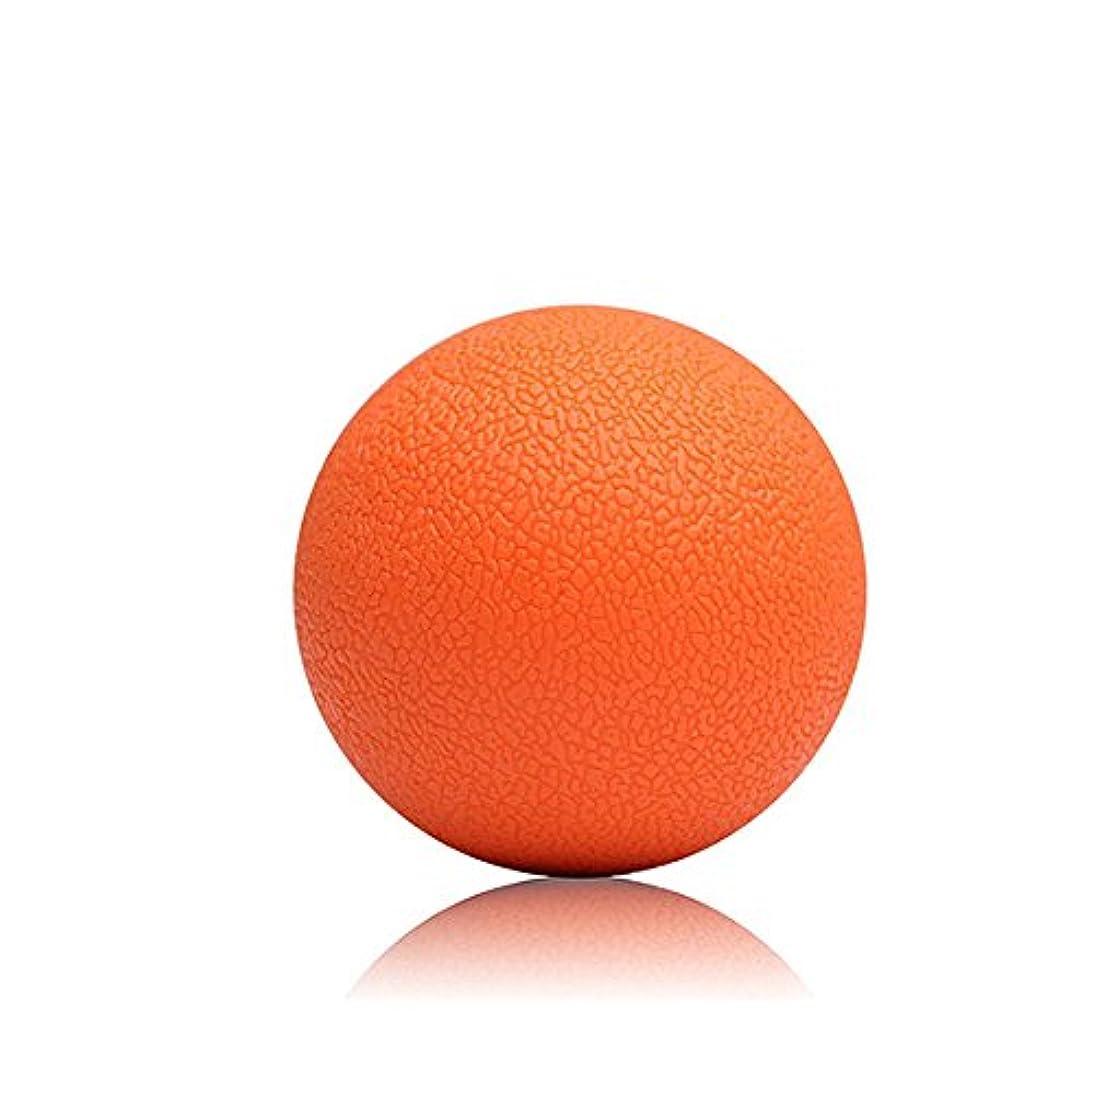 を通してホイッスル努力マッサージボール 筋膜リリース 指圧ボール 足裏 ふくらはぎ ツボ押しグッズ 健康グッズ